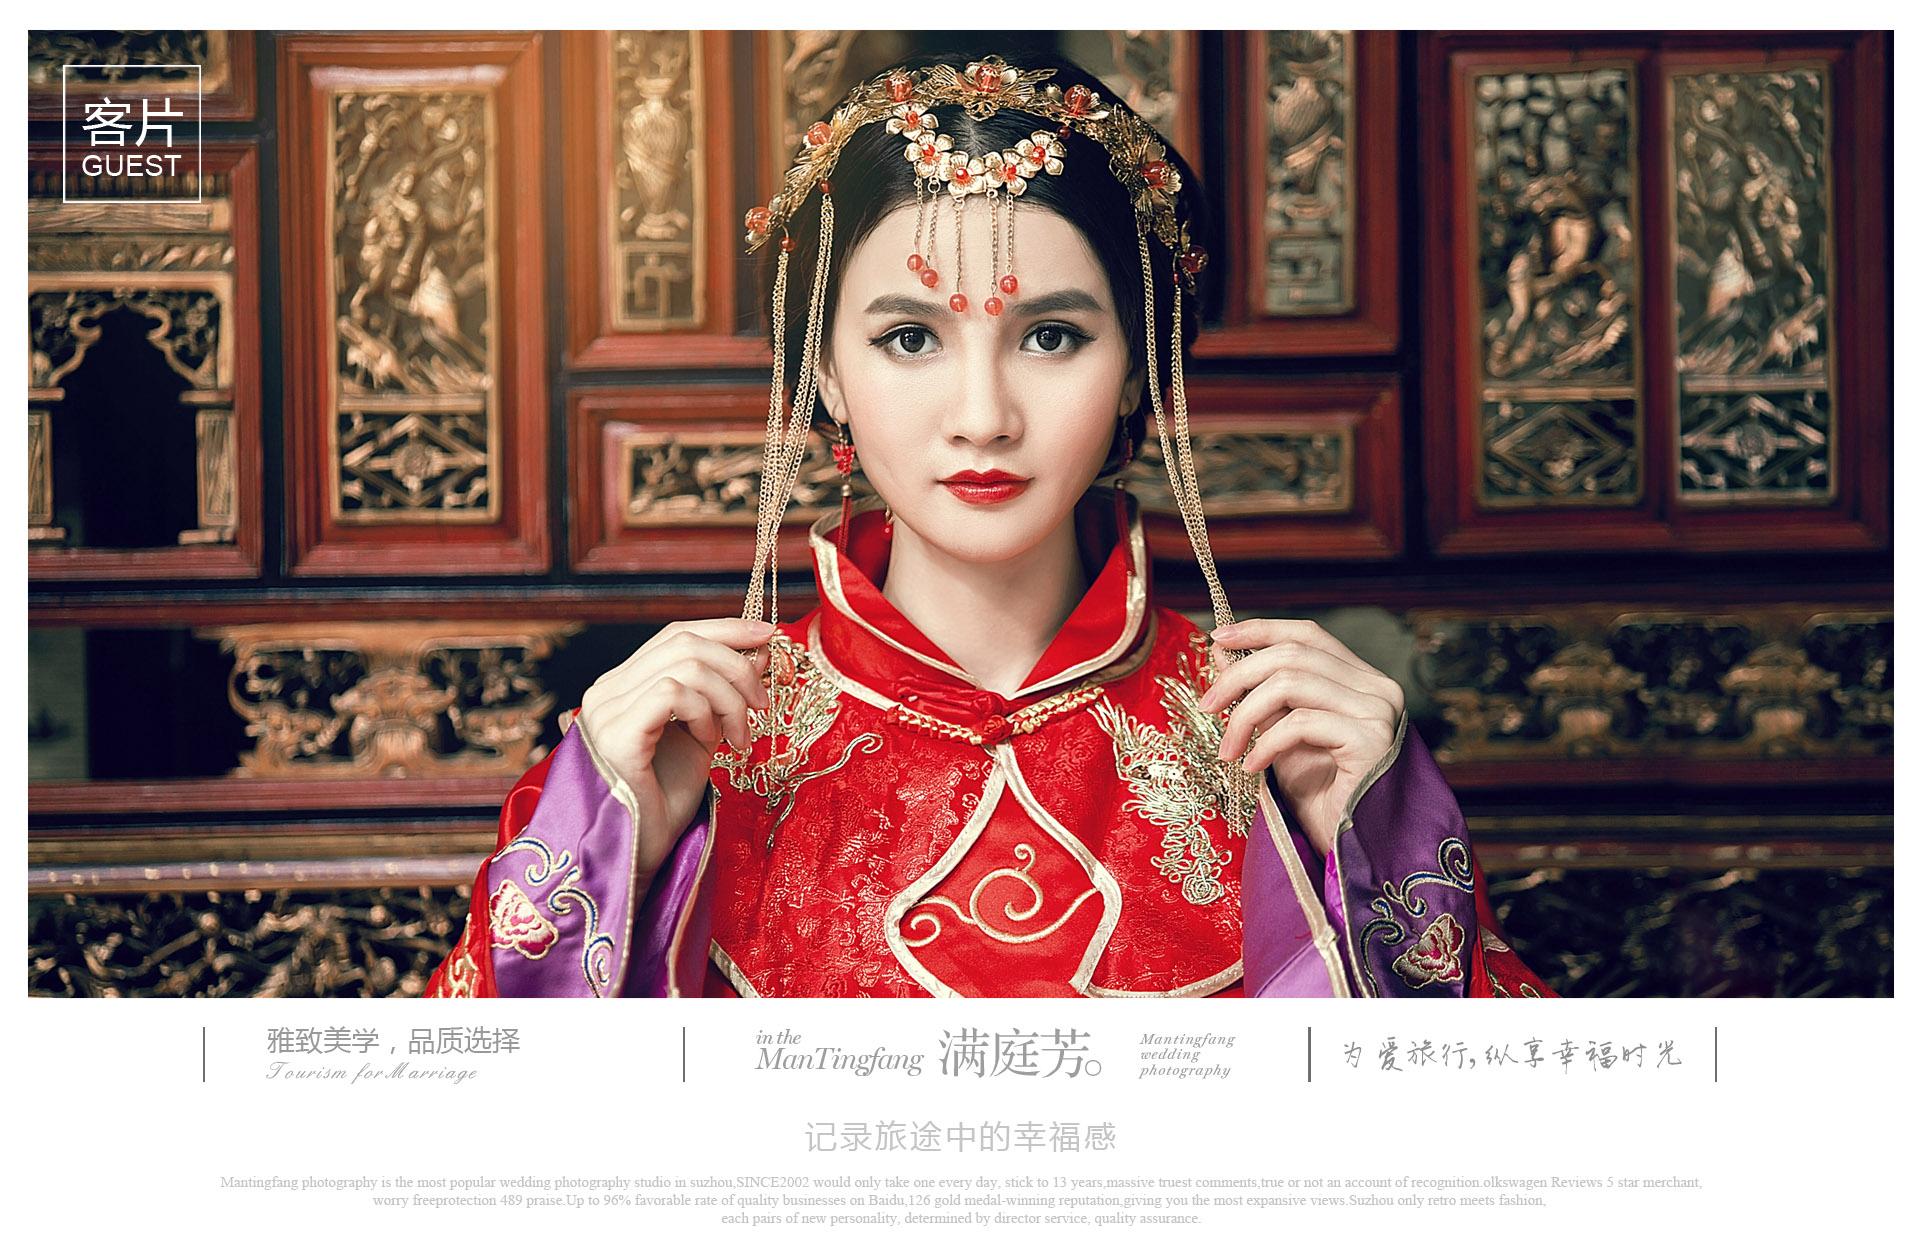 中式婚纱照新娘复古发型二 淡淡的柳叶眉,精巧的五官、粉嫩的樱桃嘴,搭配红色嫁衣更是将新娘衬托得娇艳如花,简单的低挽发,大气高贵的发饰点缀,很有温婉低调的古代小家碧玉小姐的风范。 中式婚纱照新娘复古发型三 这款新娘造型充满着汉式宫廷的新嫁娘感觉,低垂的发髻搭配高贵华丽的凤冠,让新娘气质非常的华丽高贵哦。